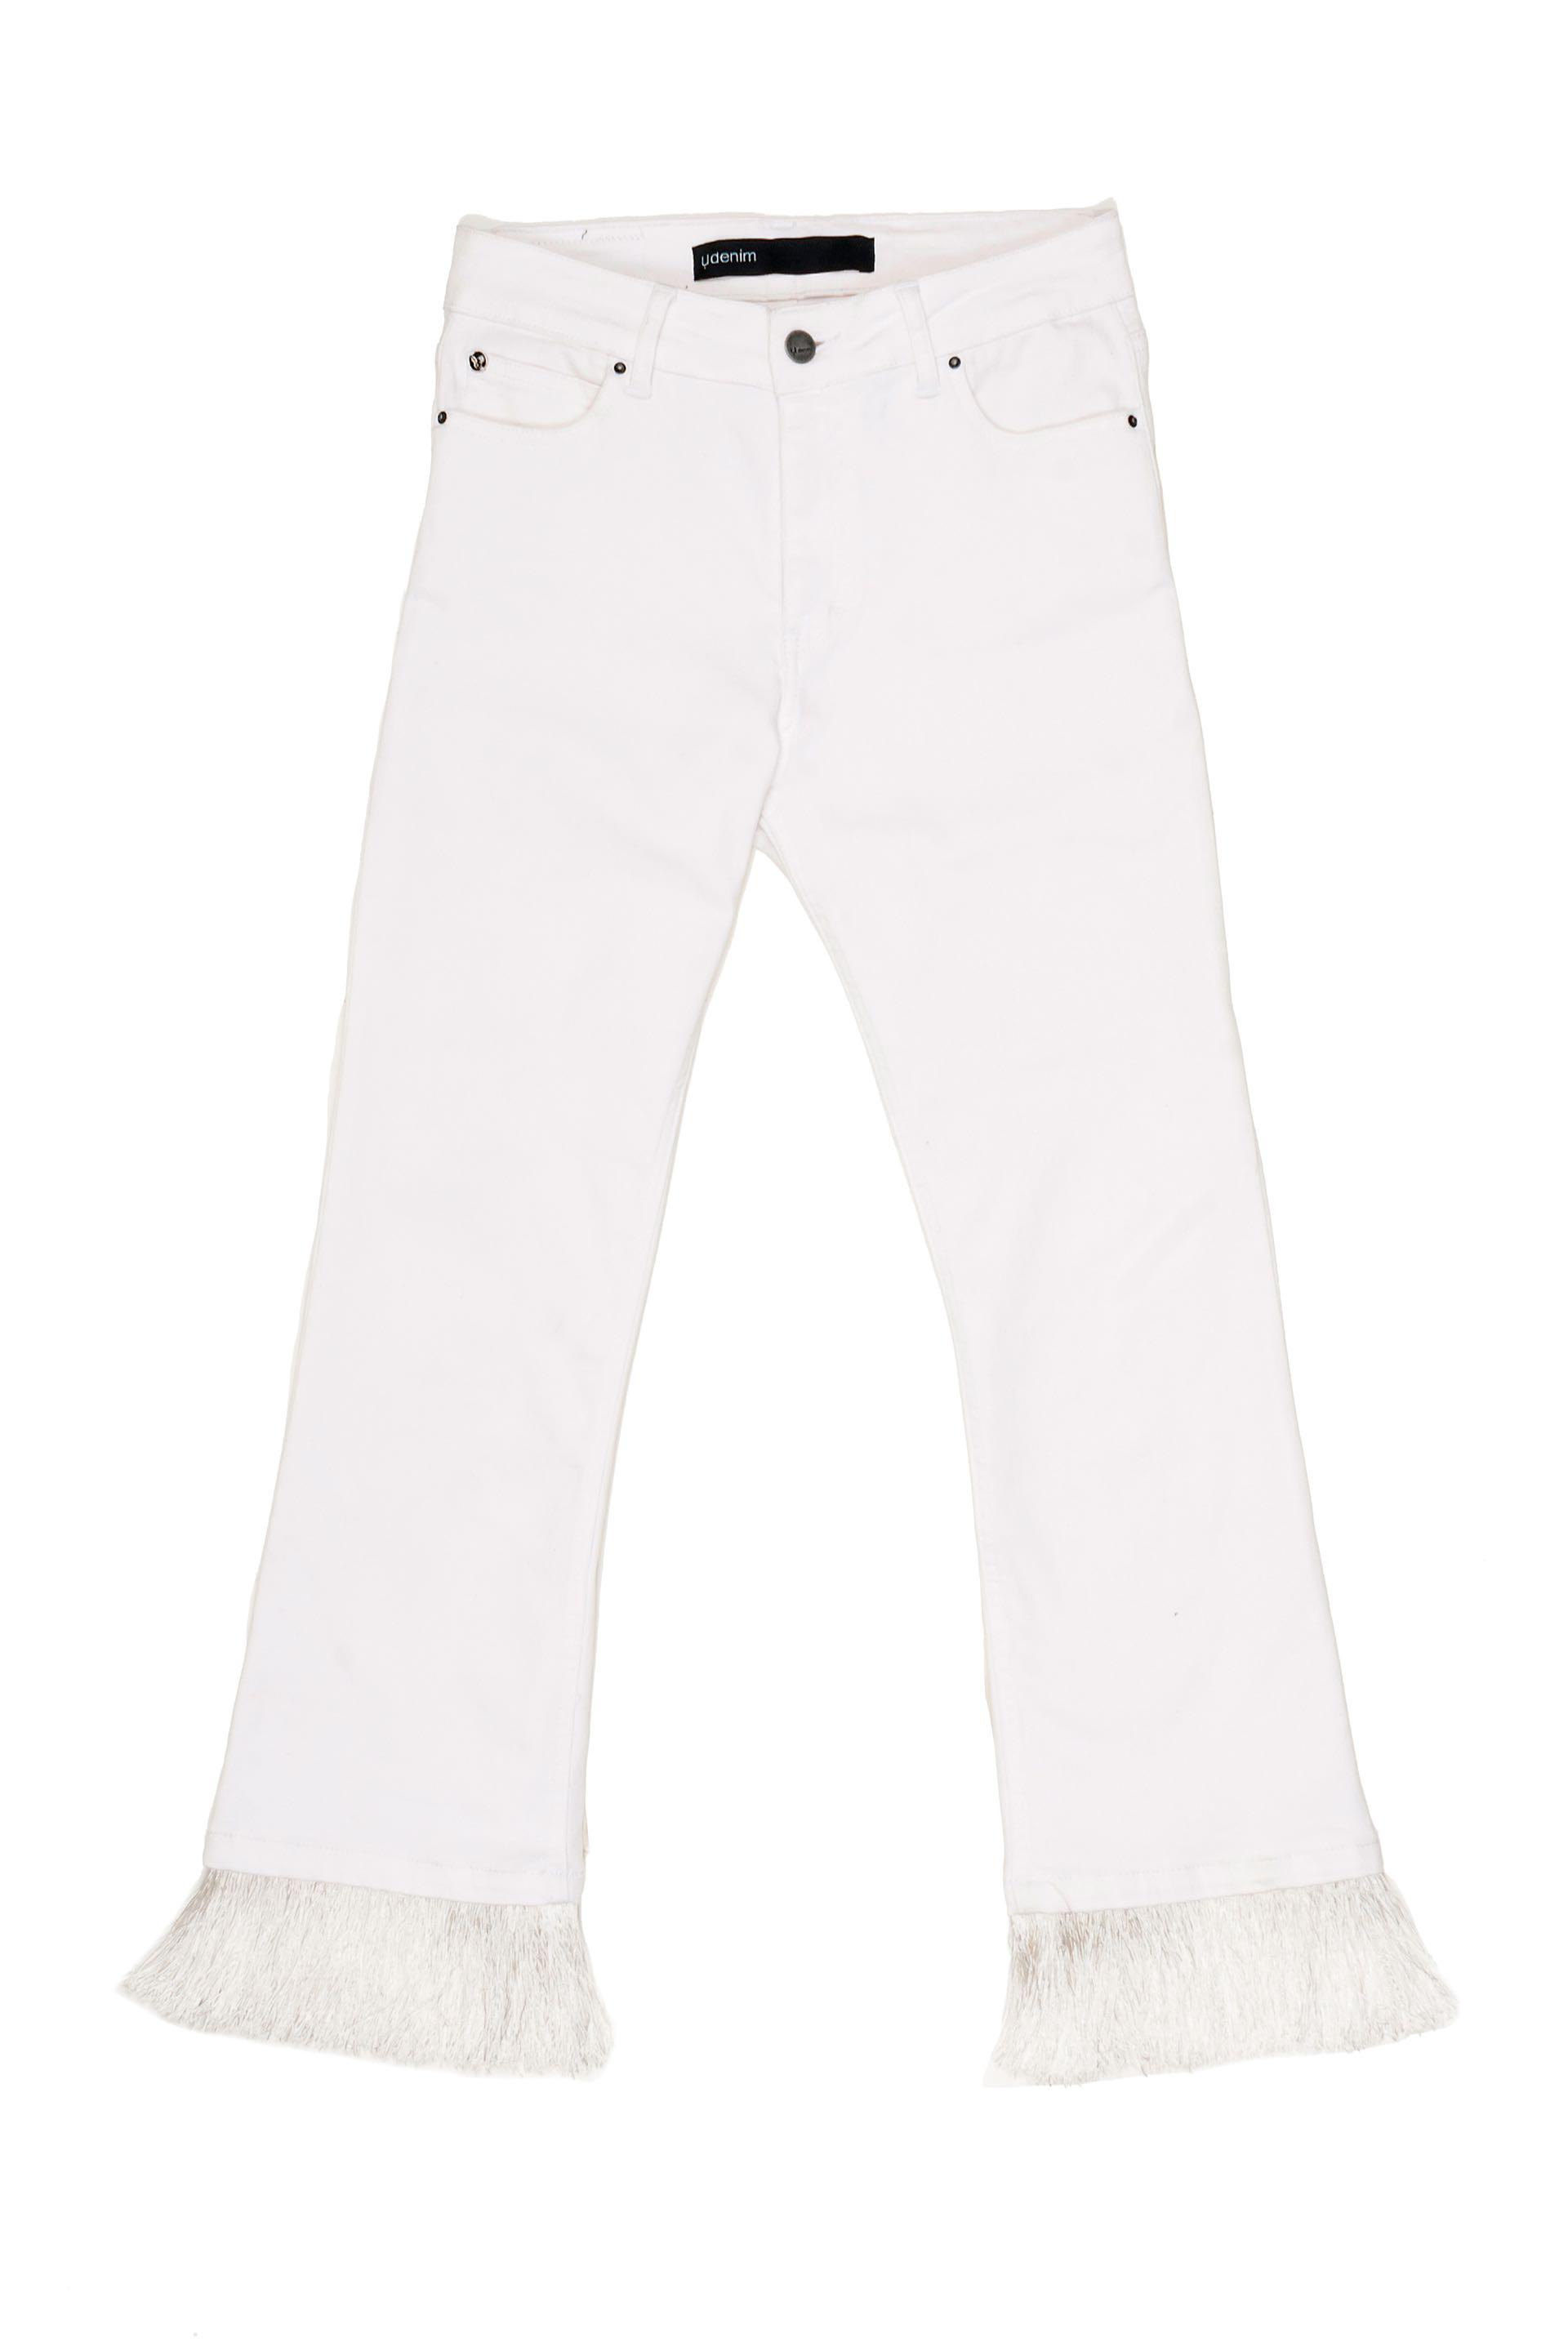 Jean de tiro alto con volados ($ 2.600, Uma).